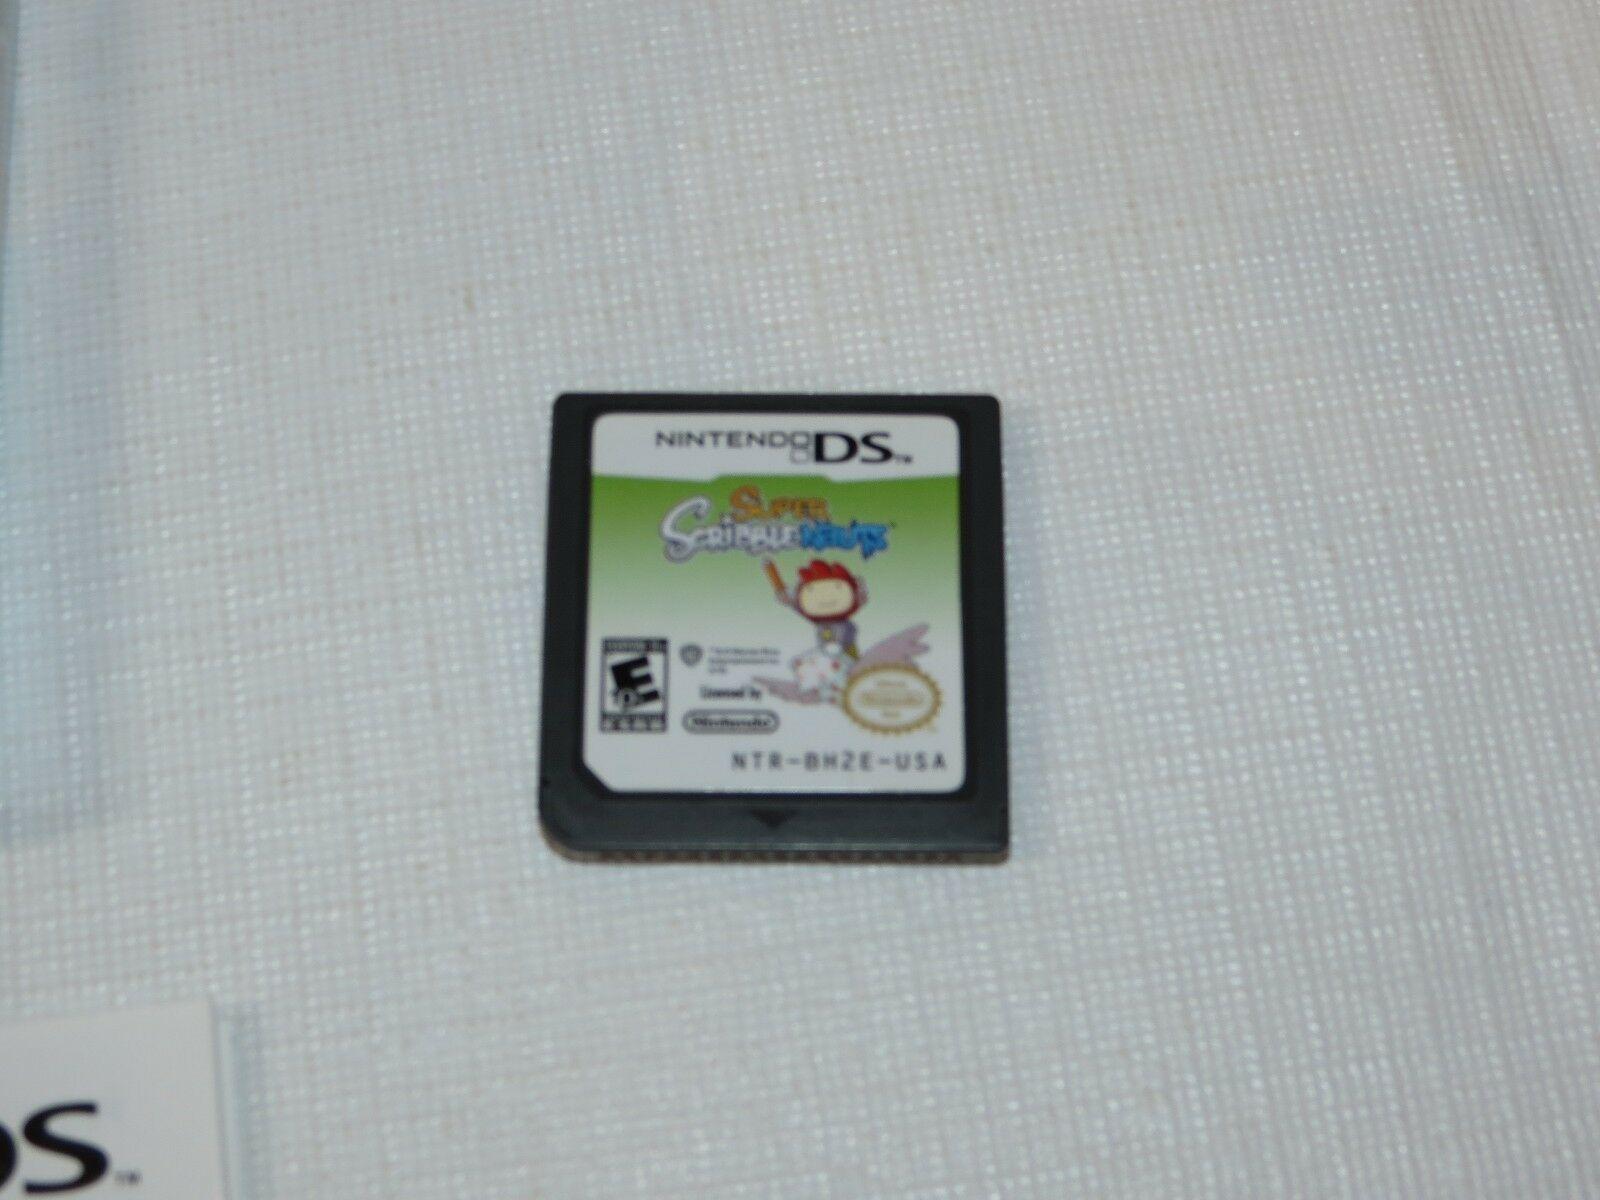 Super Scribblenauts Nintendo DS 2010 E10 +Everyone 10+NTR-BH2E-USA D'Occasion image 5